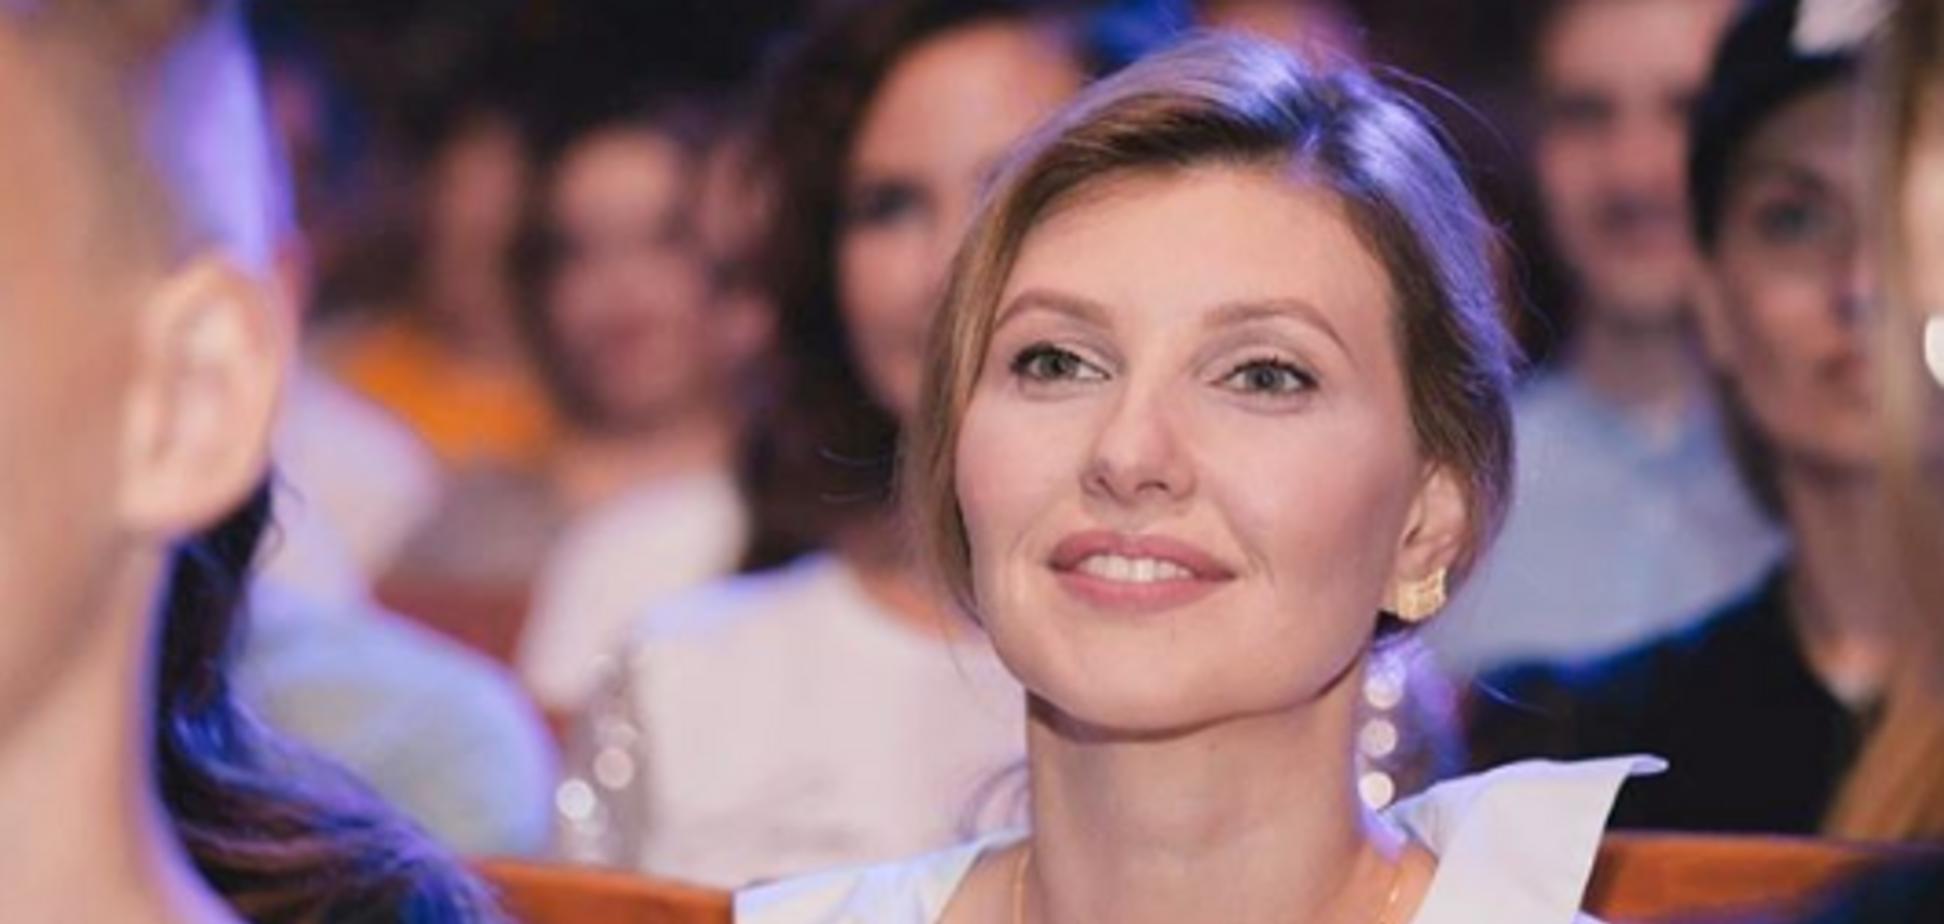 СМИ разобрали наряд жены Зеленского на встрече с Макрон: сколько стоит